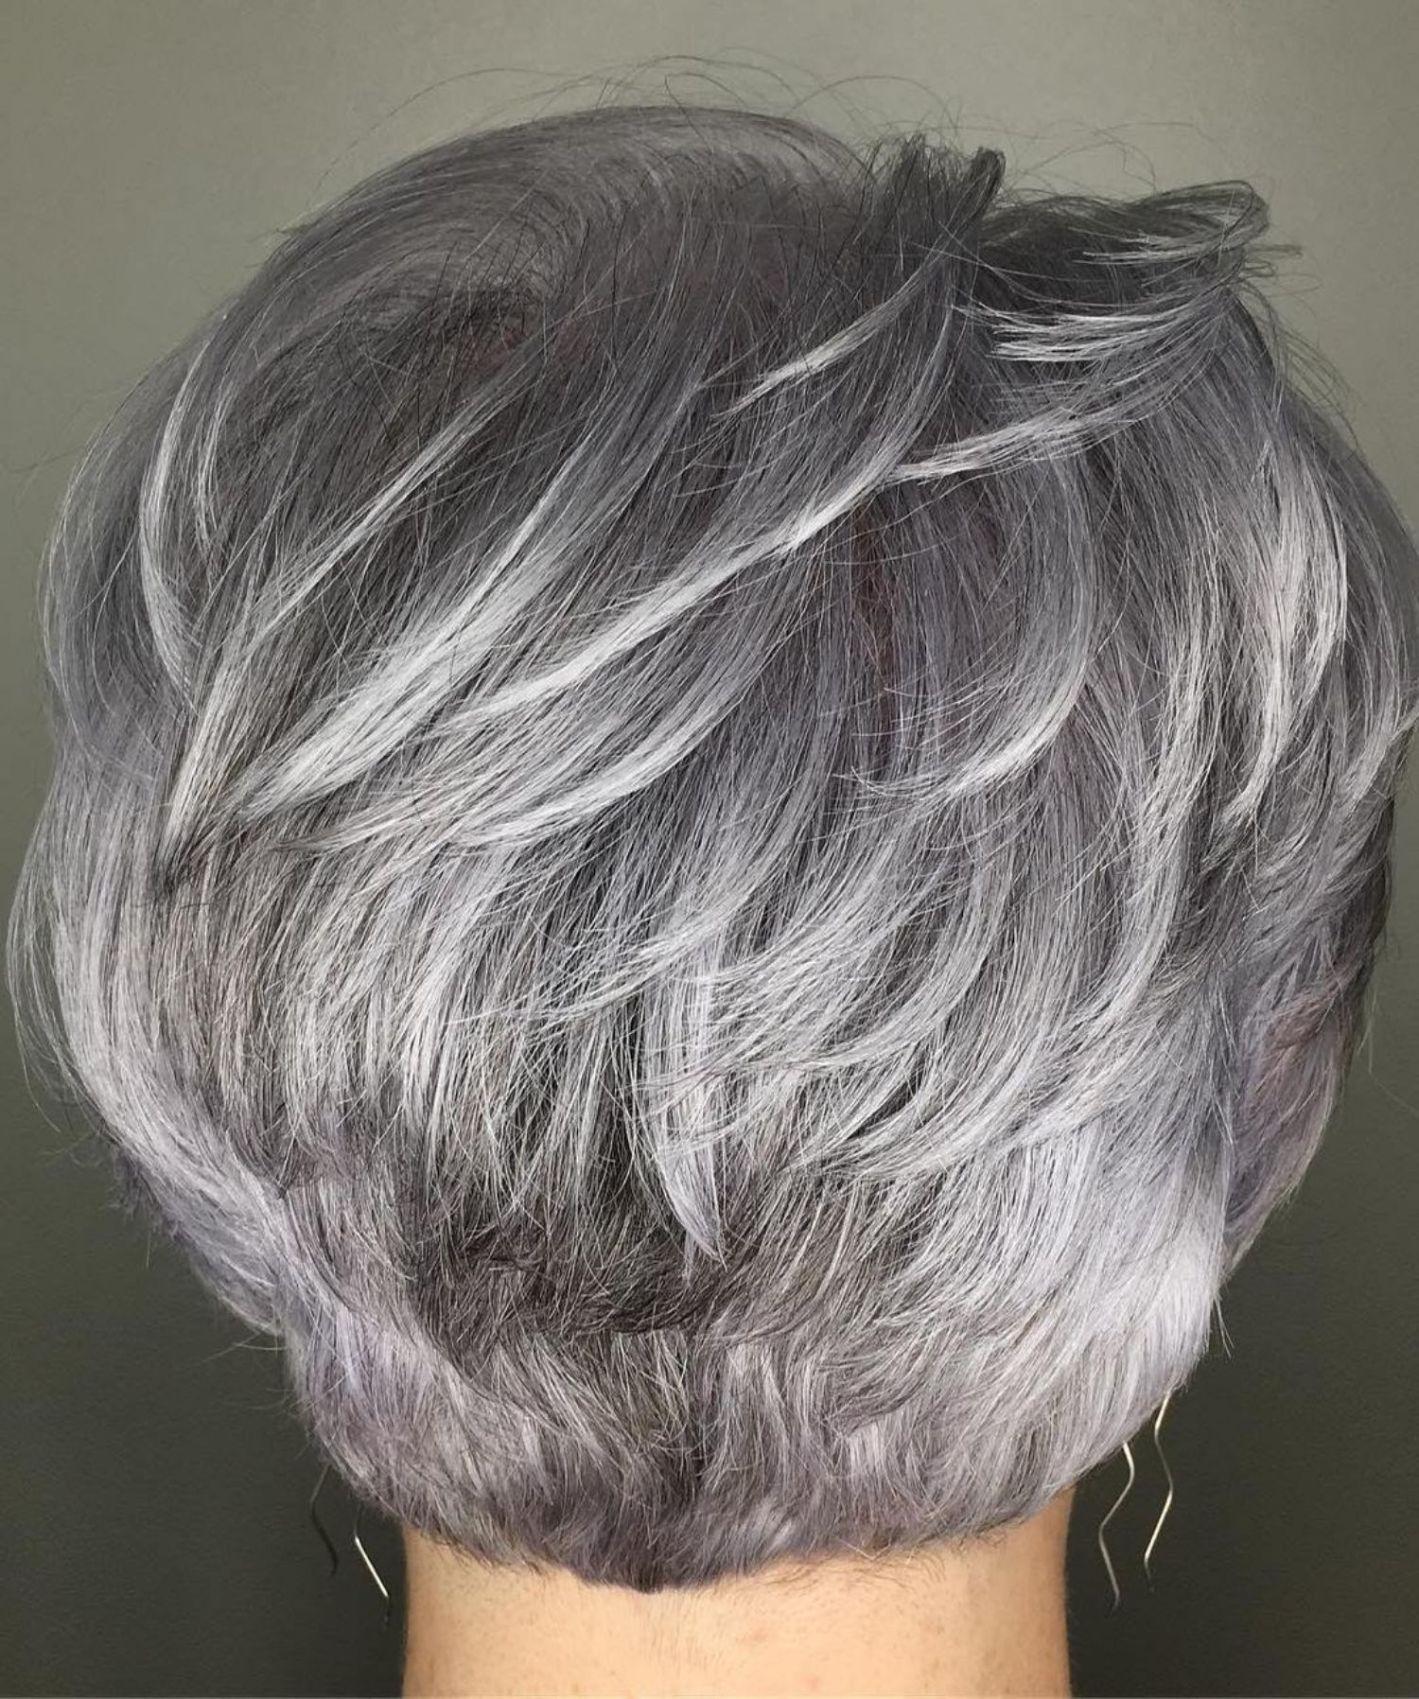 65 Gorgeous Gray Hair Styles nel 2020 | Tagli di capelli ...